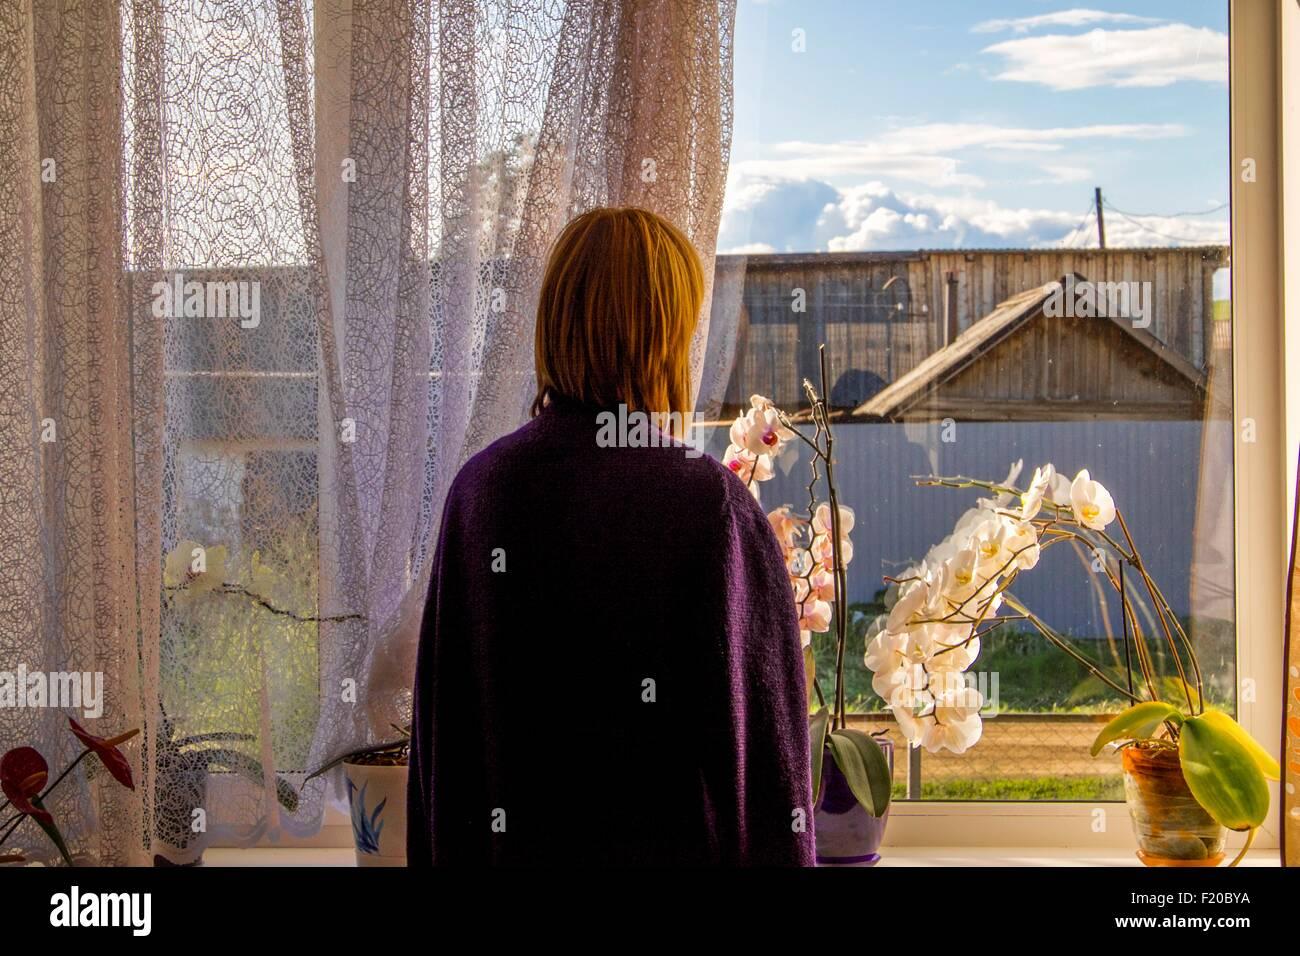 Frau mit Blick auf landwirtschaftliche Gebäude aus dem Wohnzimmerfenster Stockbild